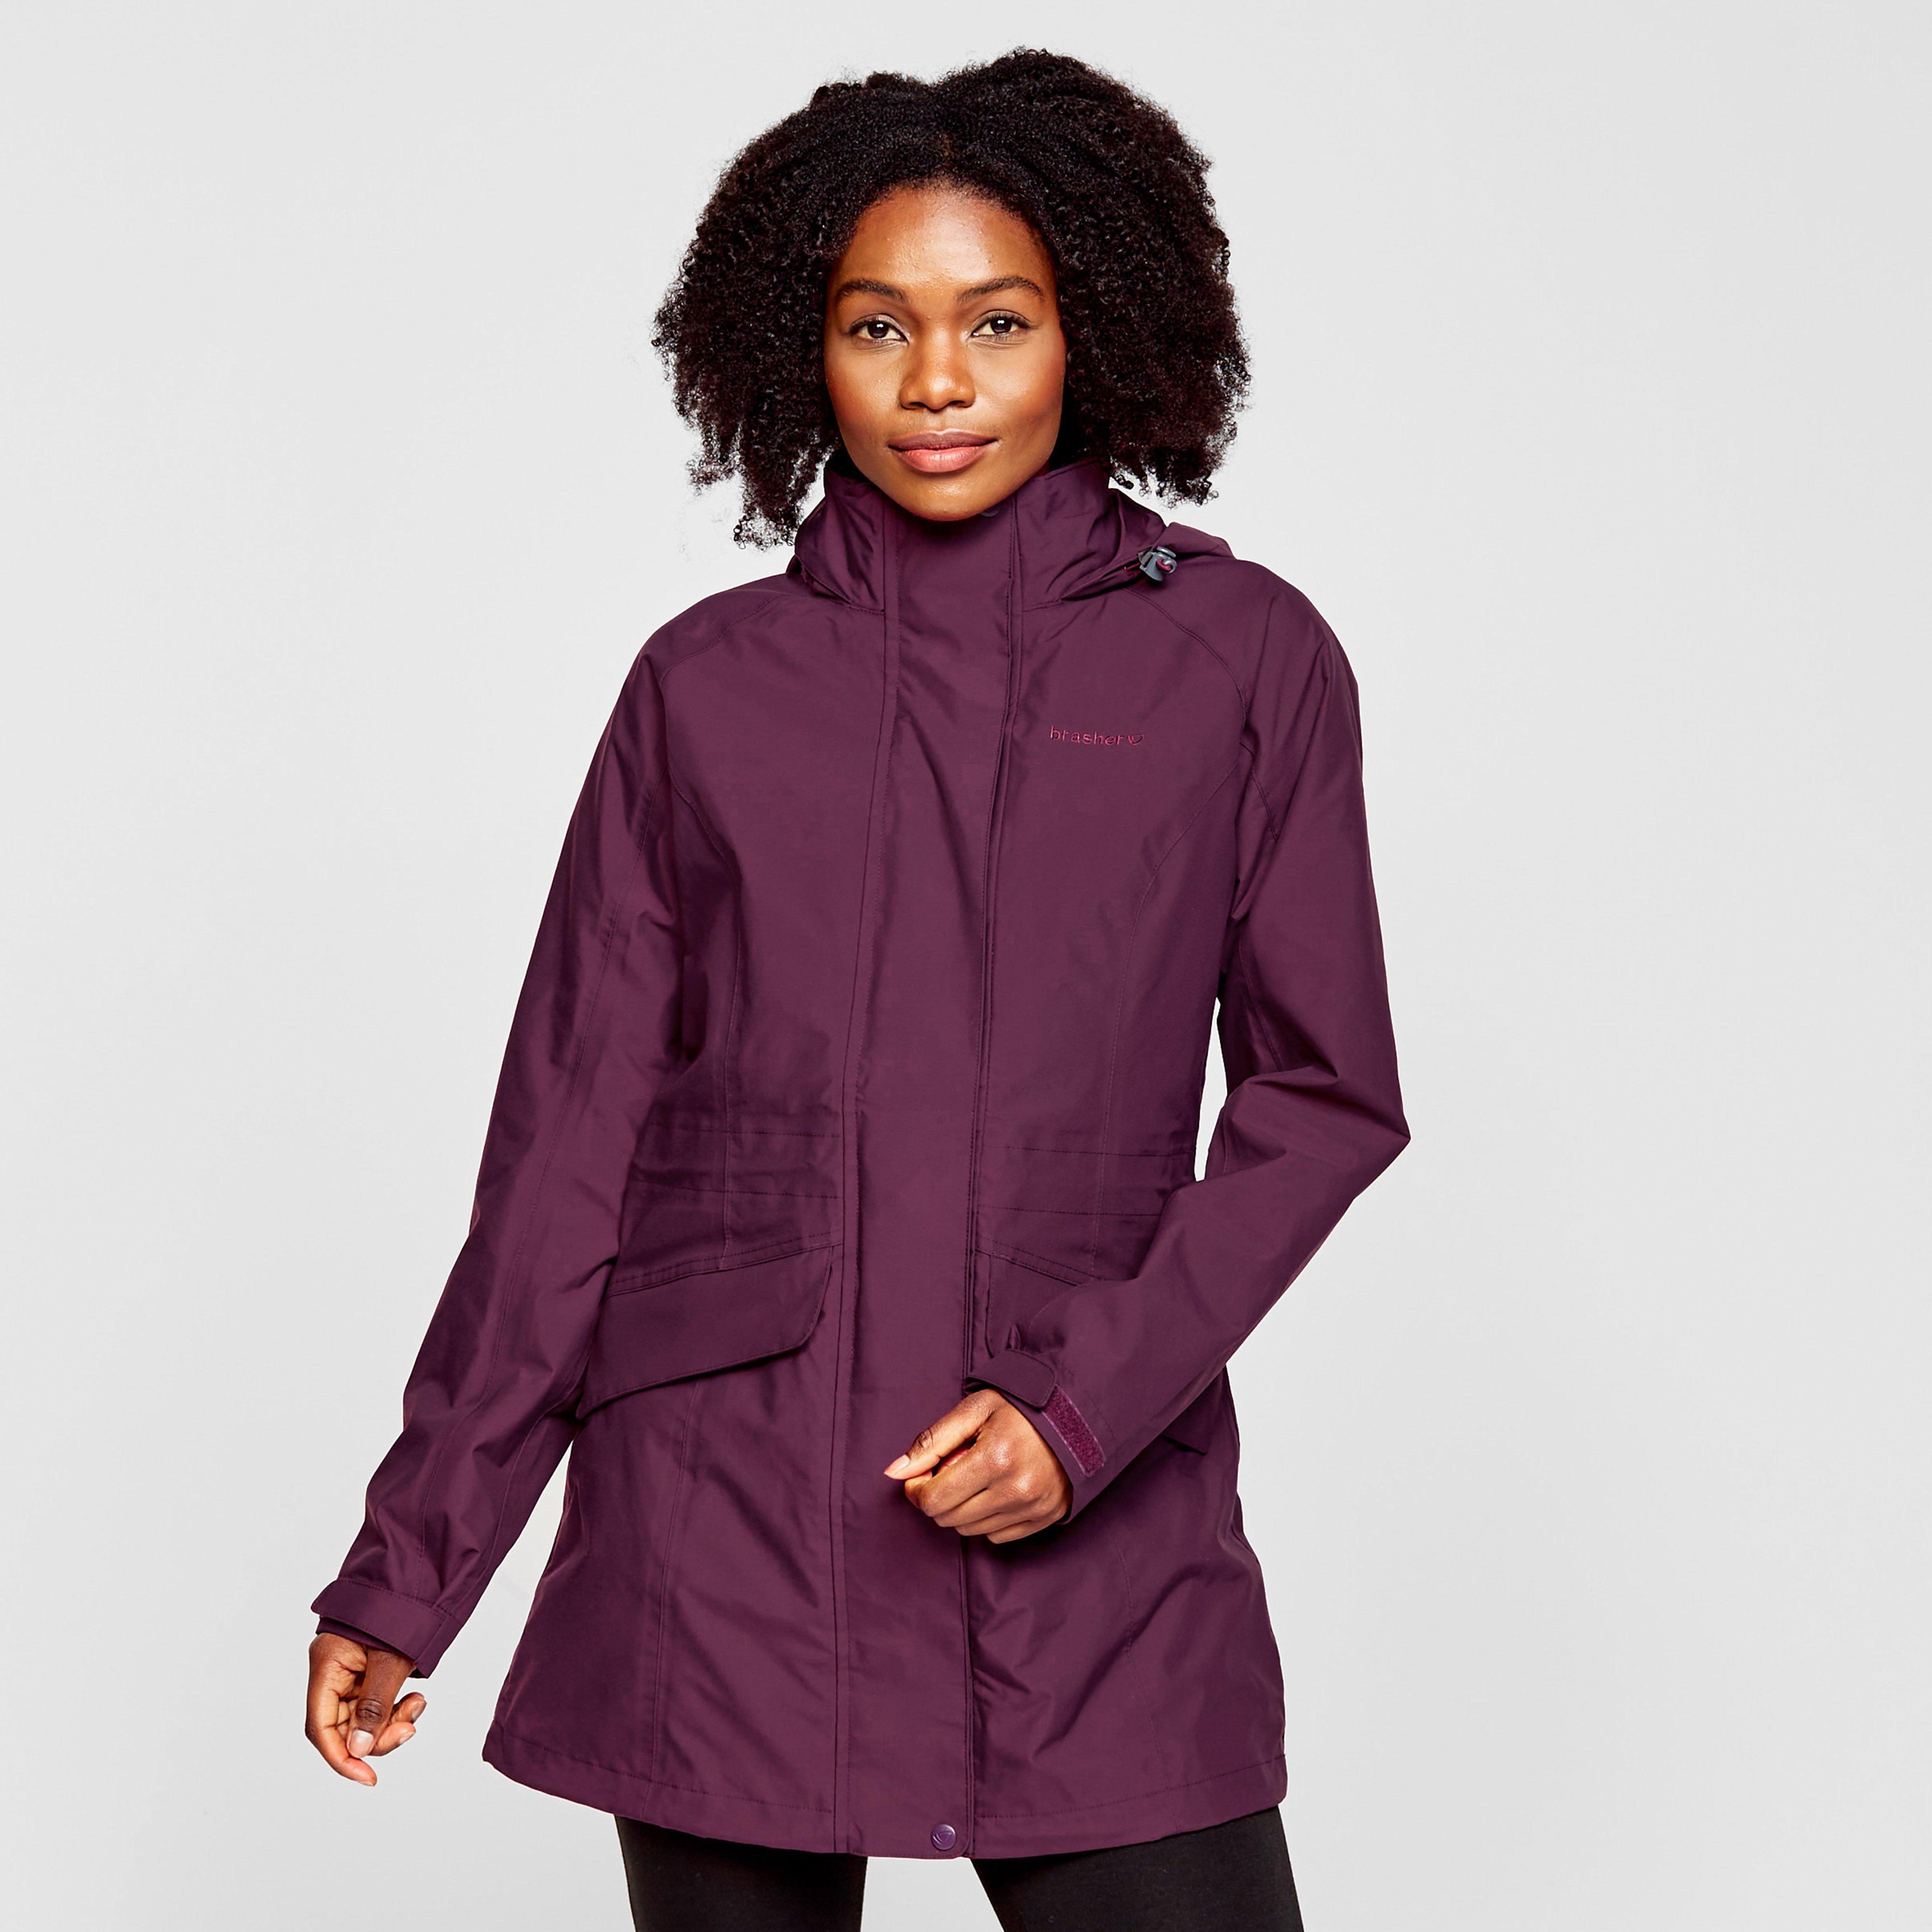 Brasher Women's Grisedale Jacket, Purple